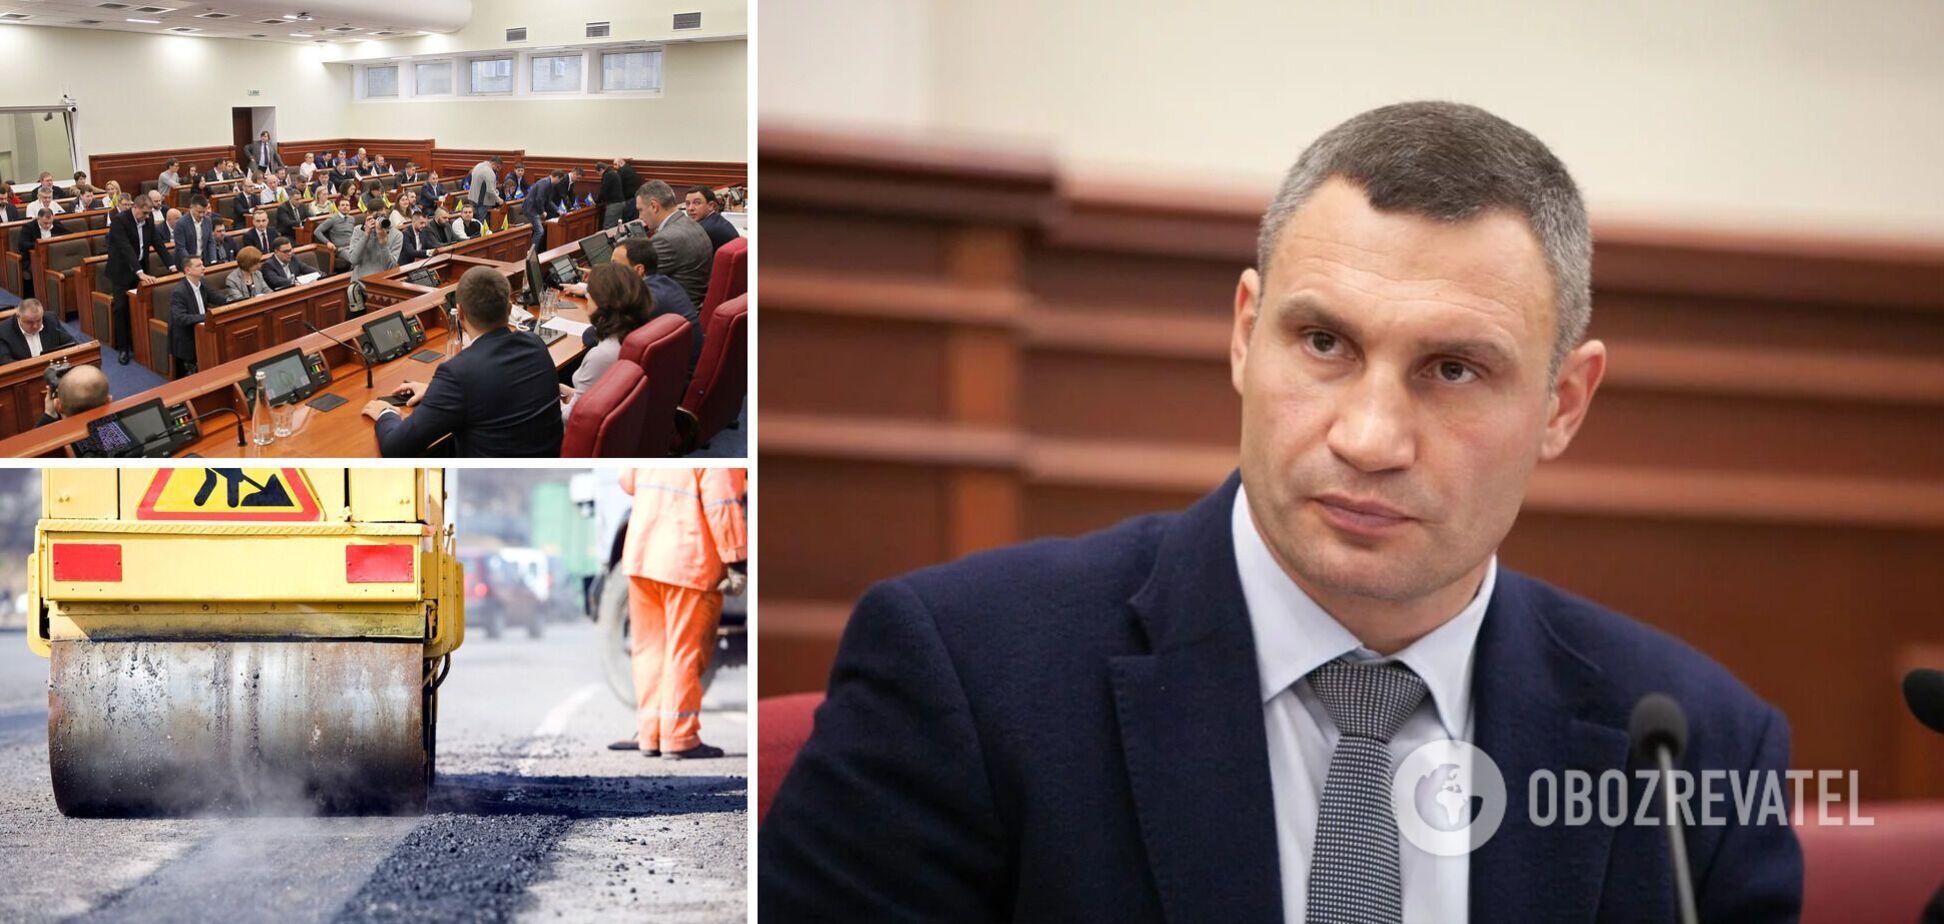 У Києві після зими тротуари пішли під землю, а влада обіцяє великі ремонти доріг. Відео